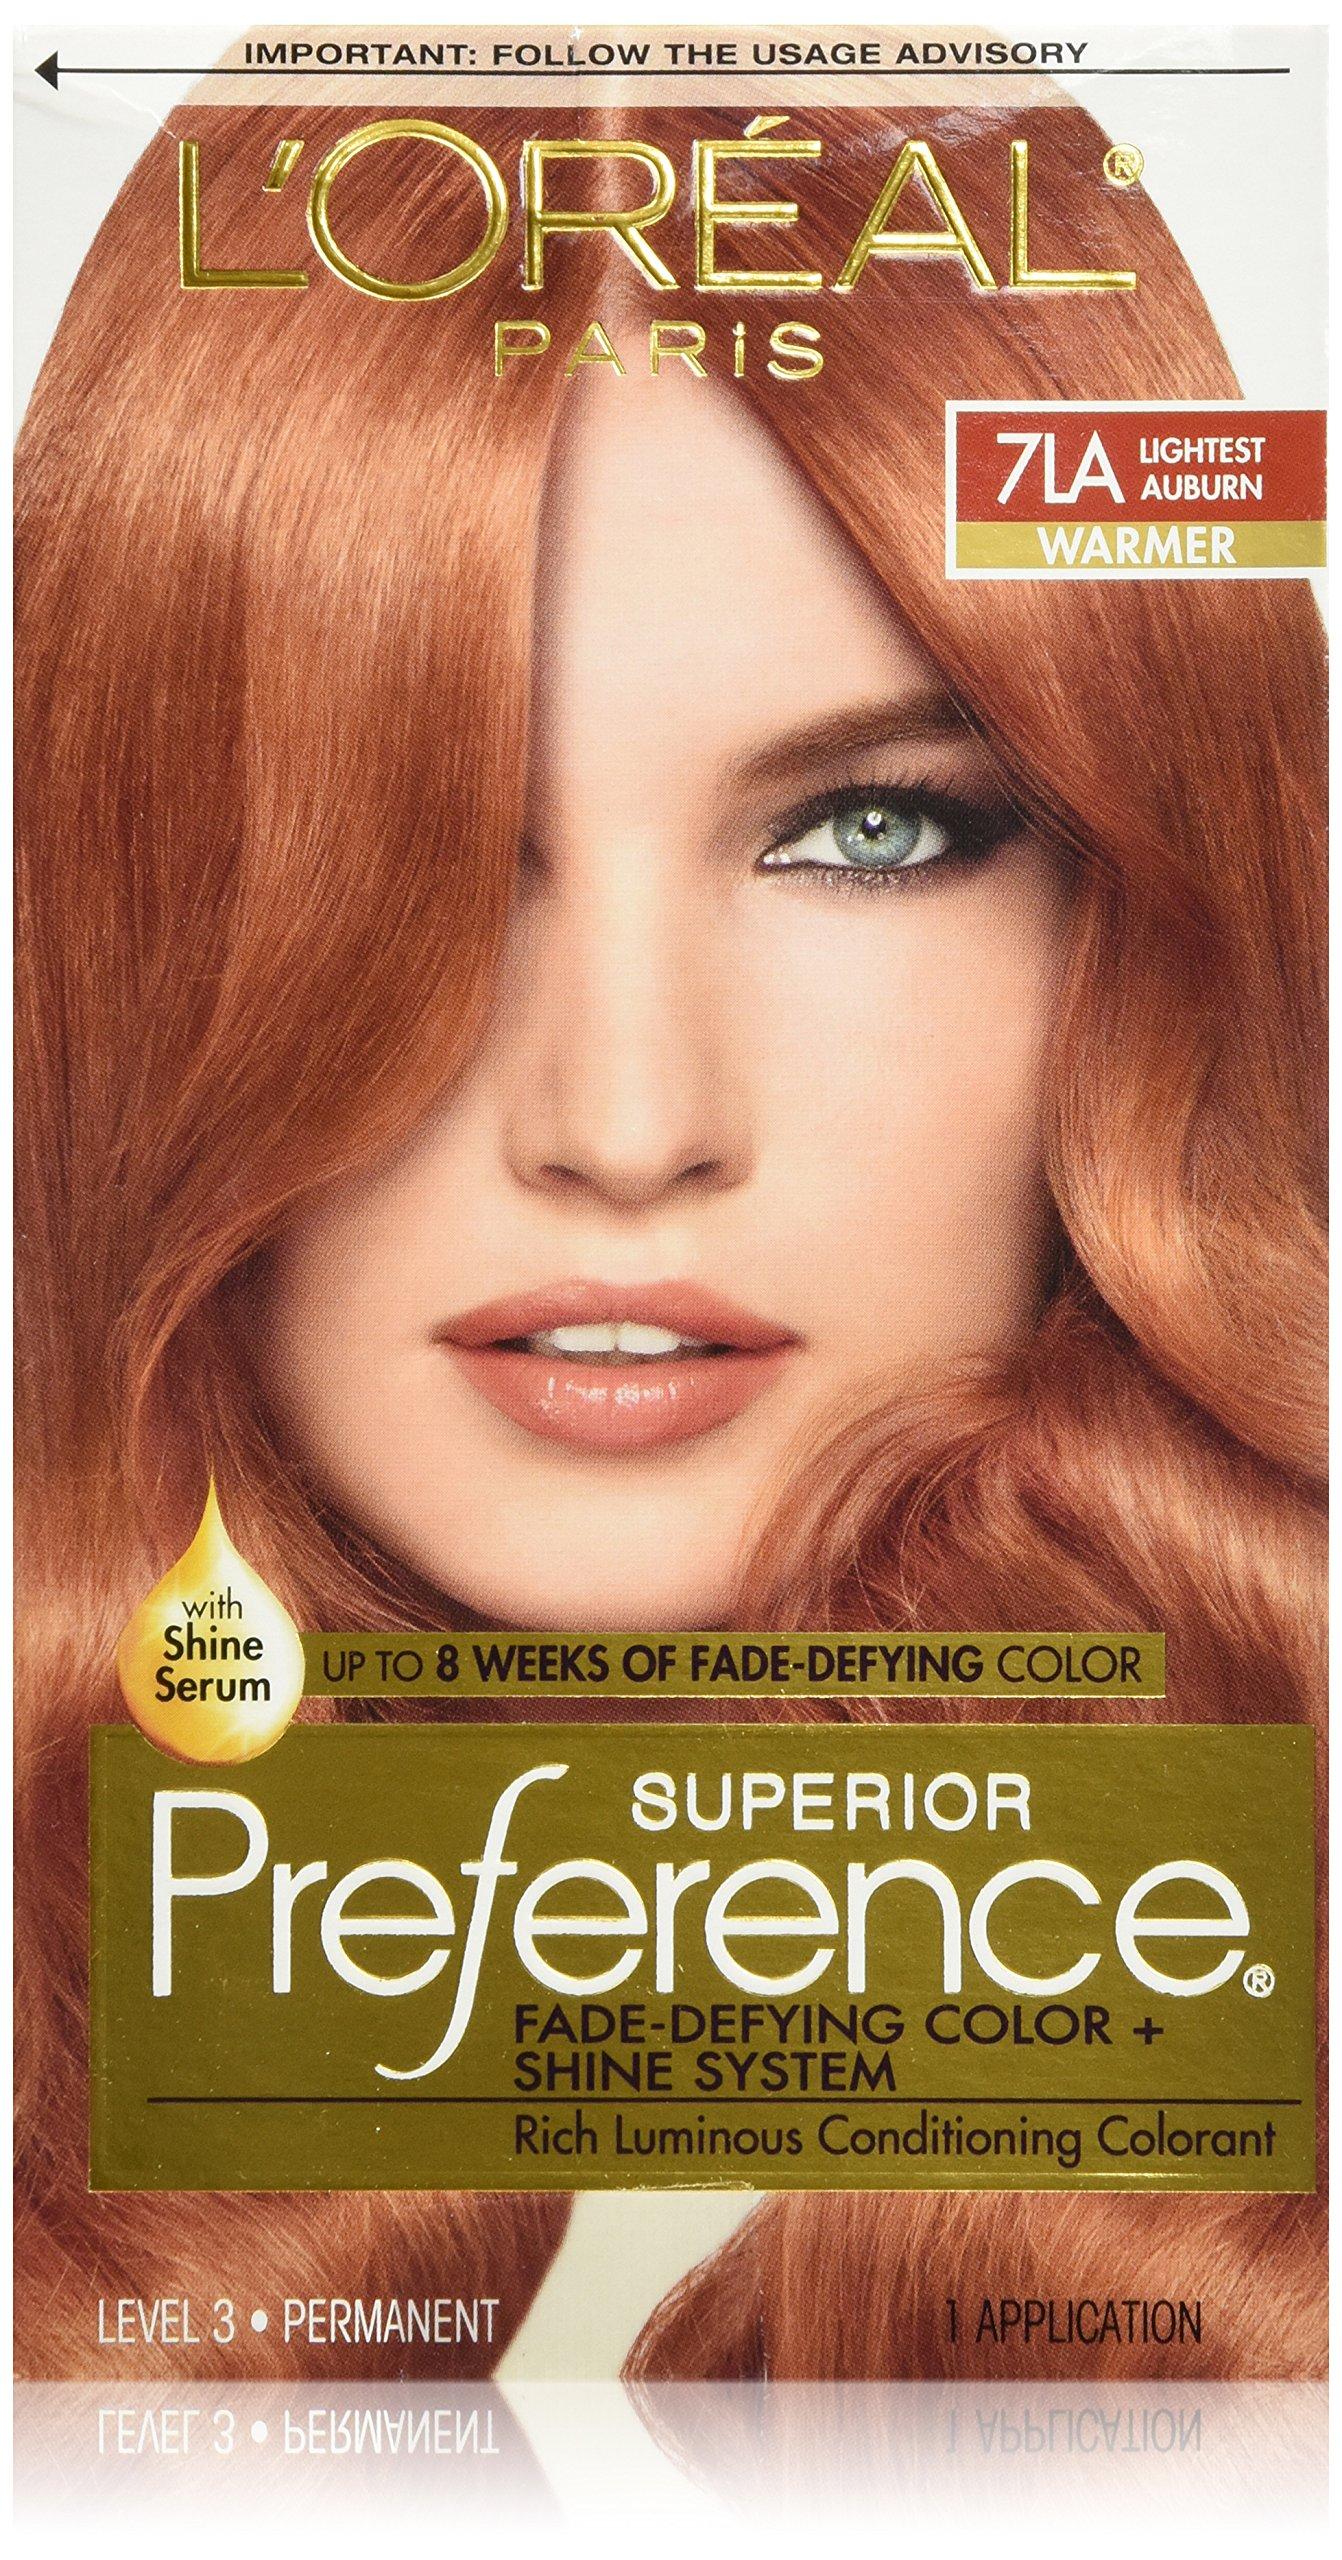 L'Oréal Paris Superior Preference Permanent Hair Color, 7LA Lightest Auburn